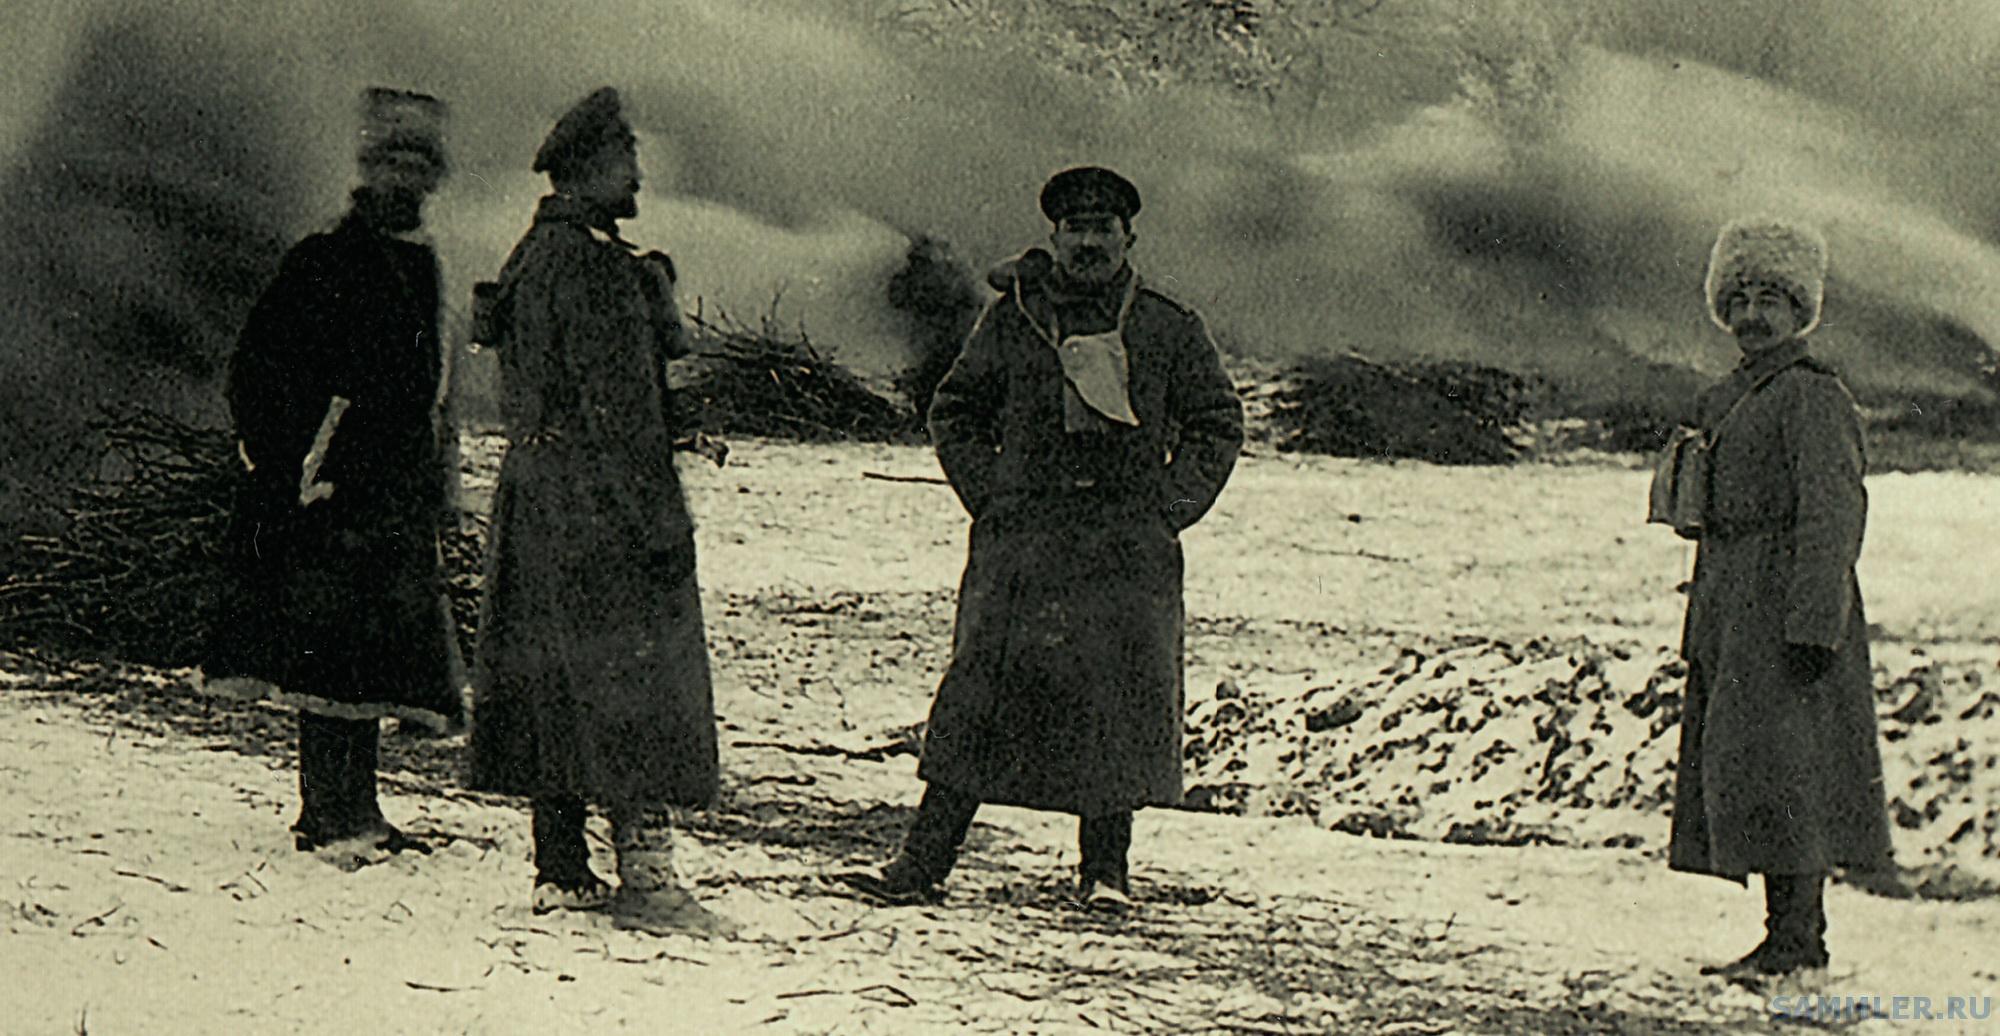 1916 г. зима 5 2.jpg